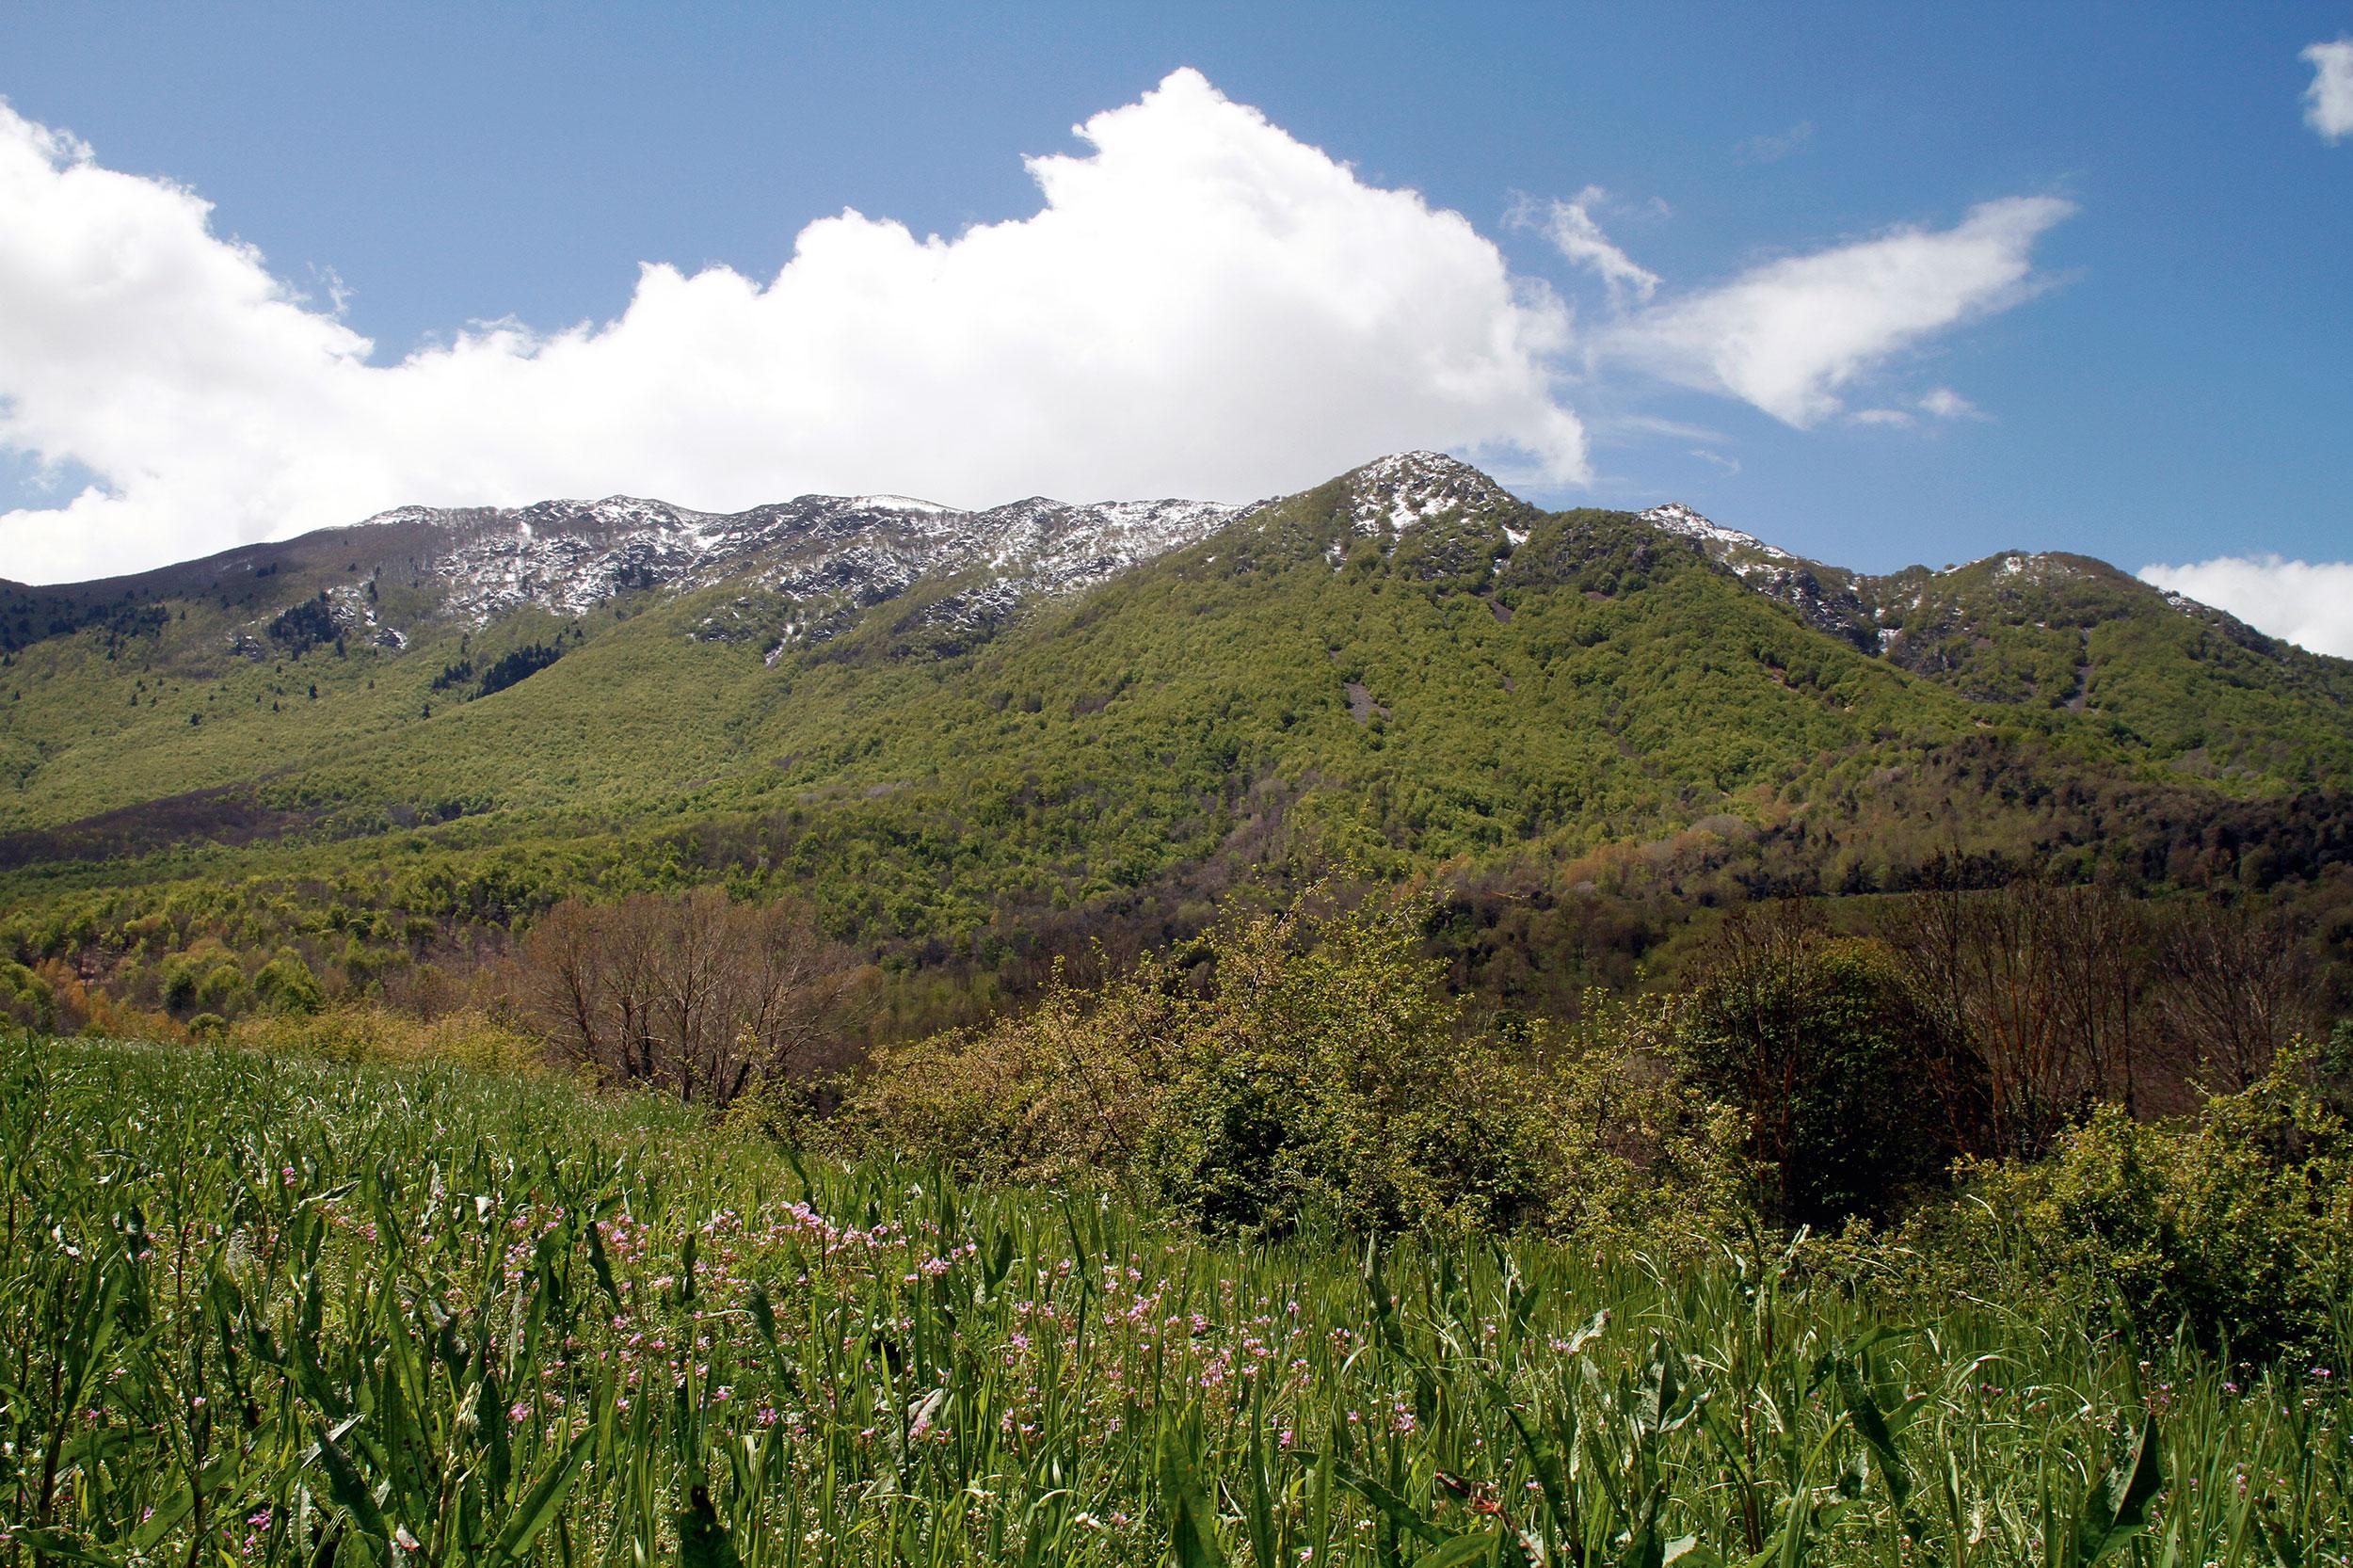 Paysages du Parc Naturel de Montseny, réserve de la biosphère.